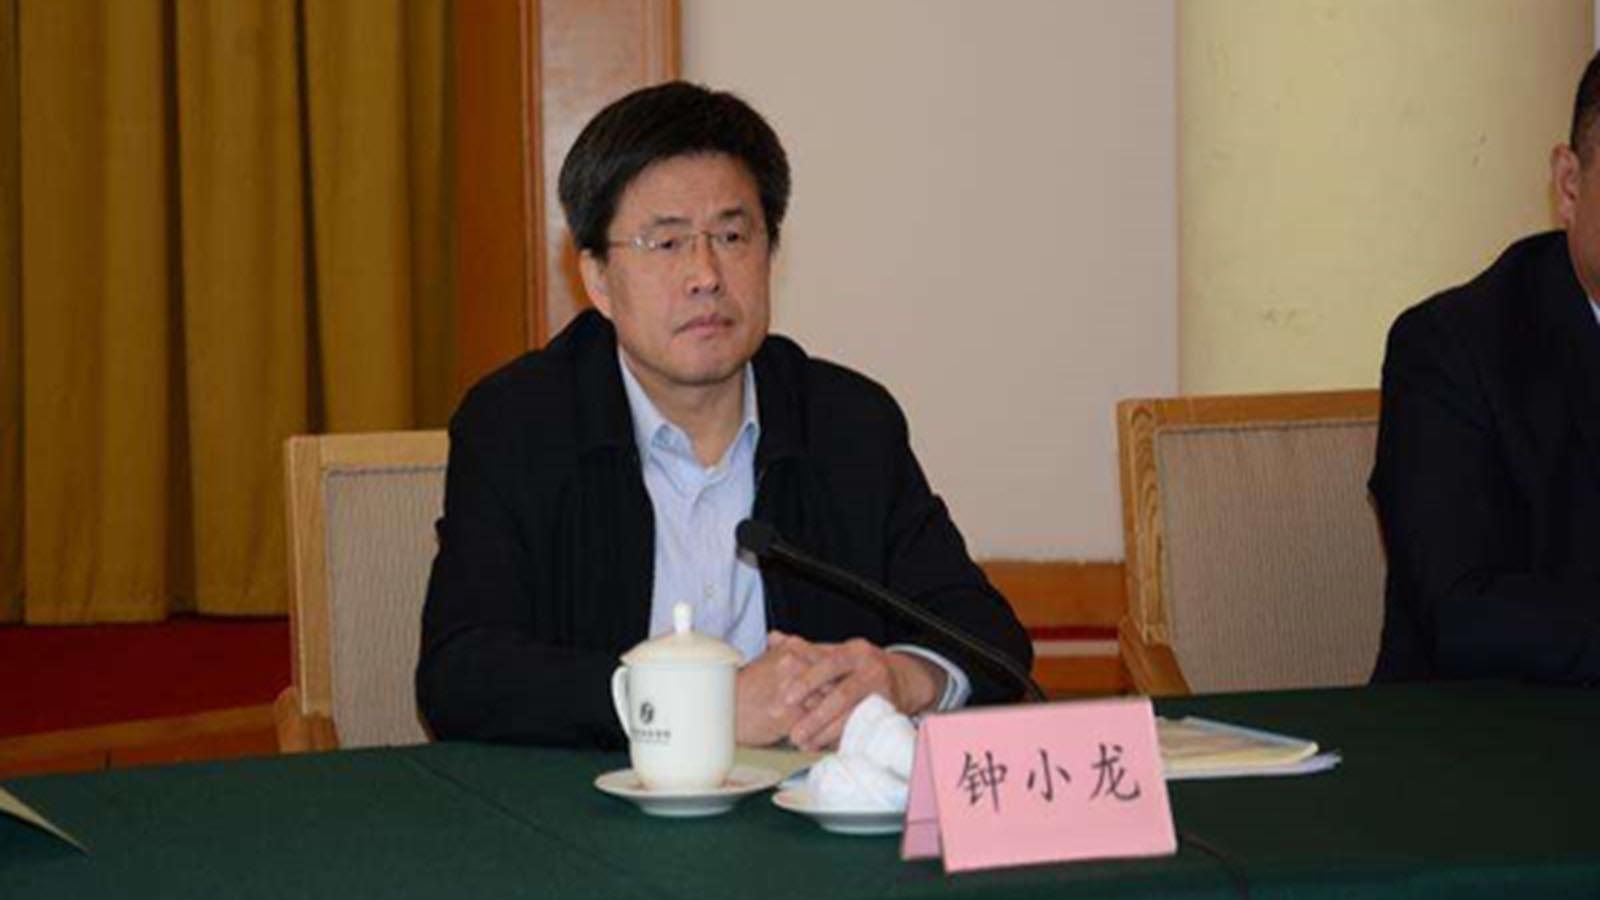 原国家开发银行山东分行党委书记兼行长钟小龙。(Public Domain)